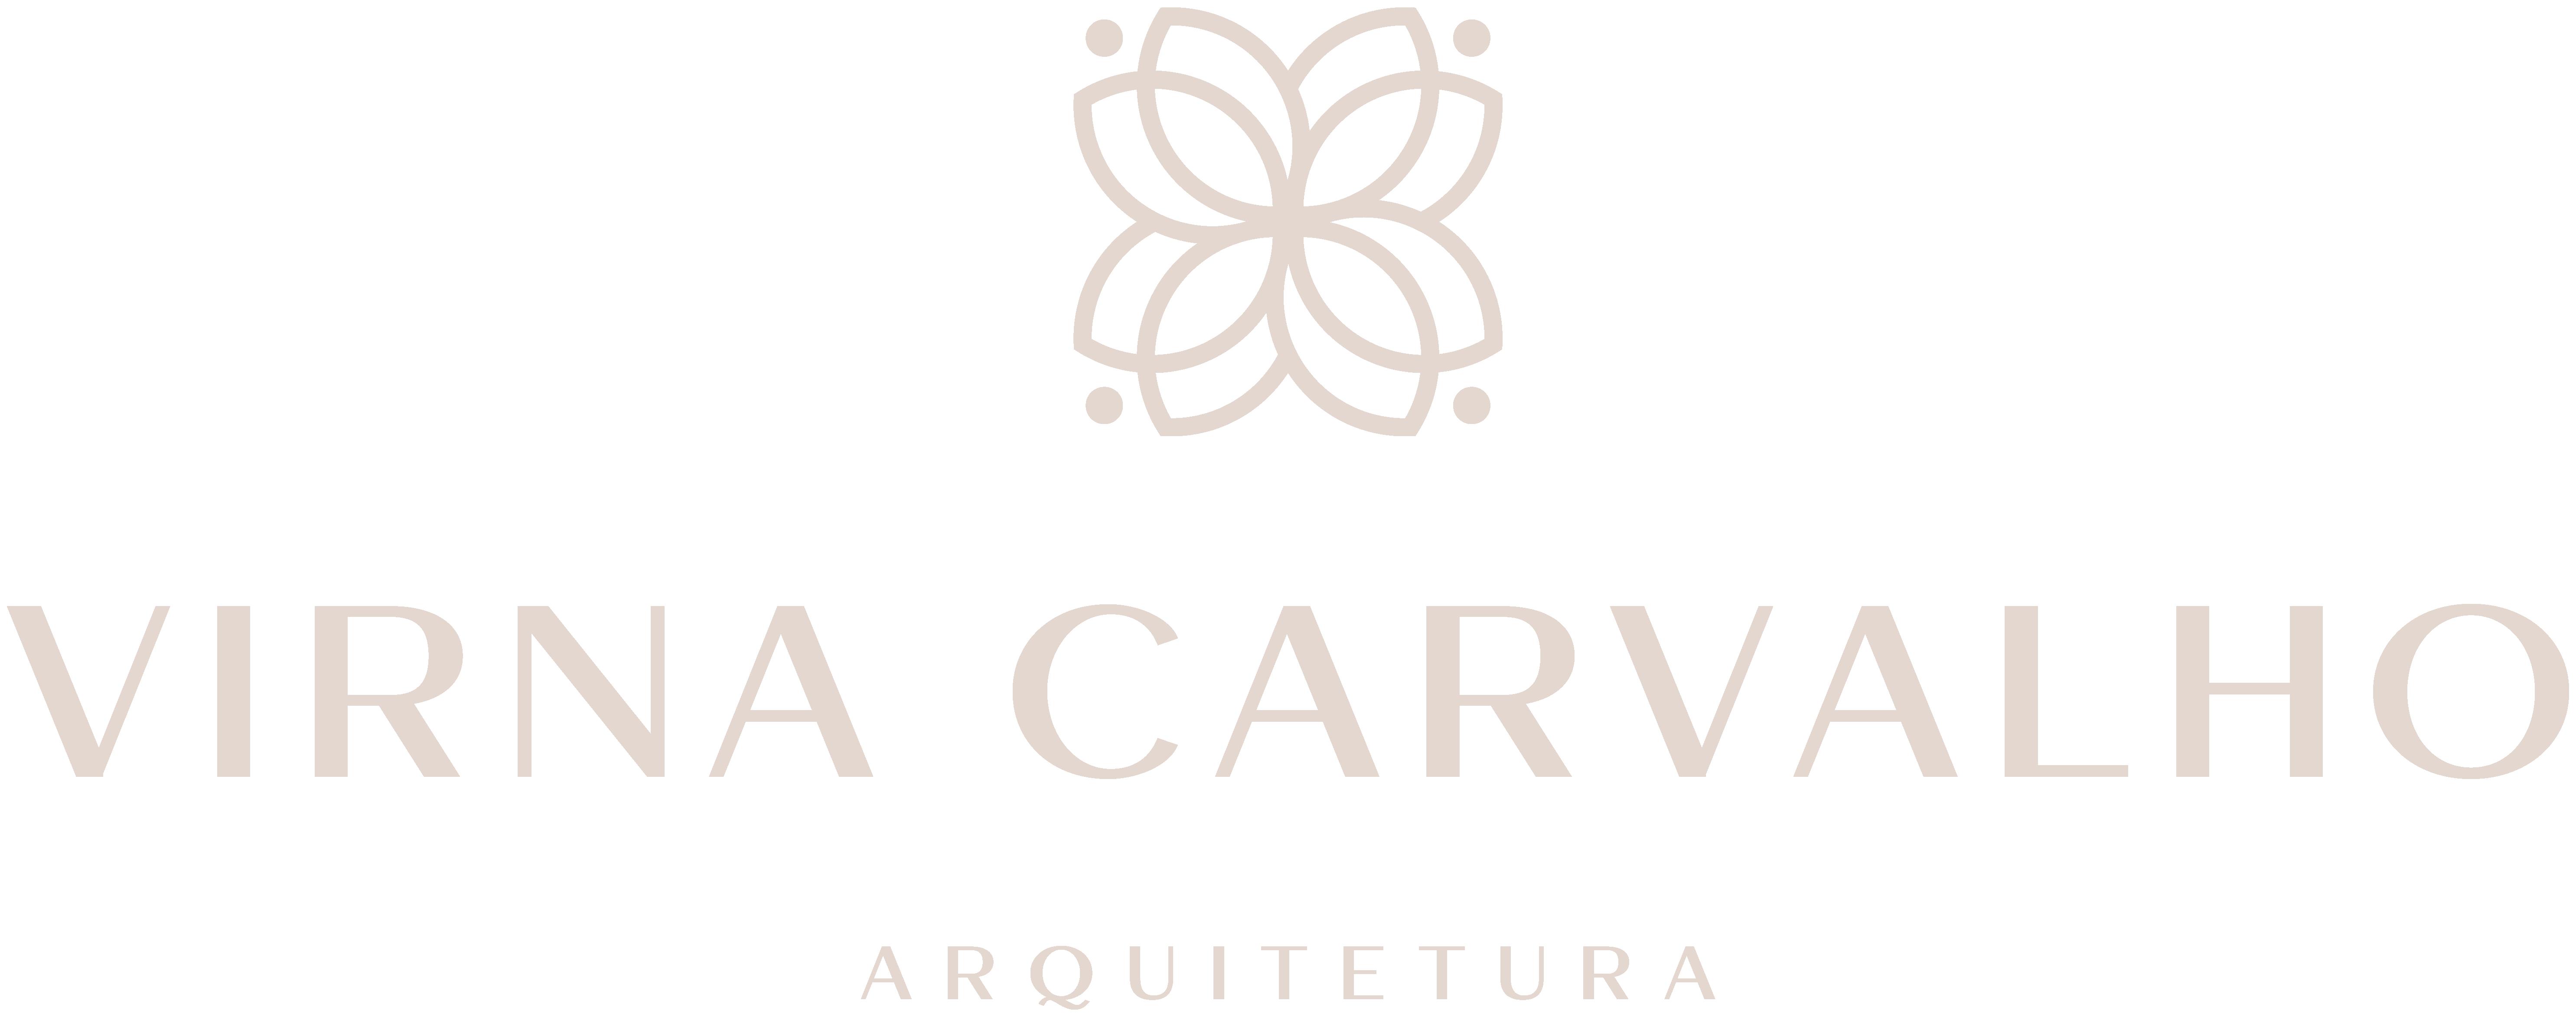 Virna Carvalho